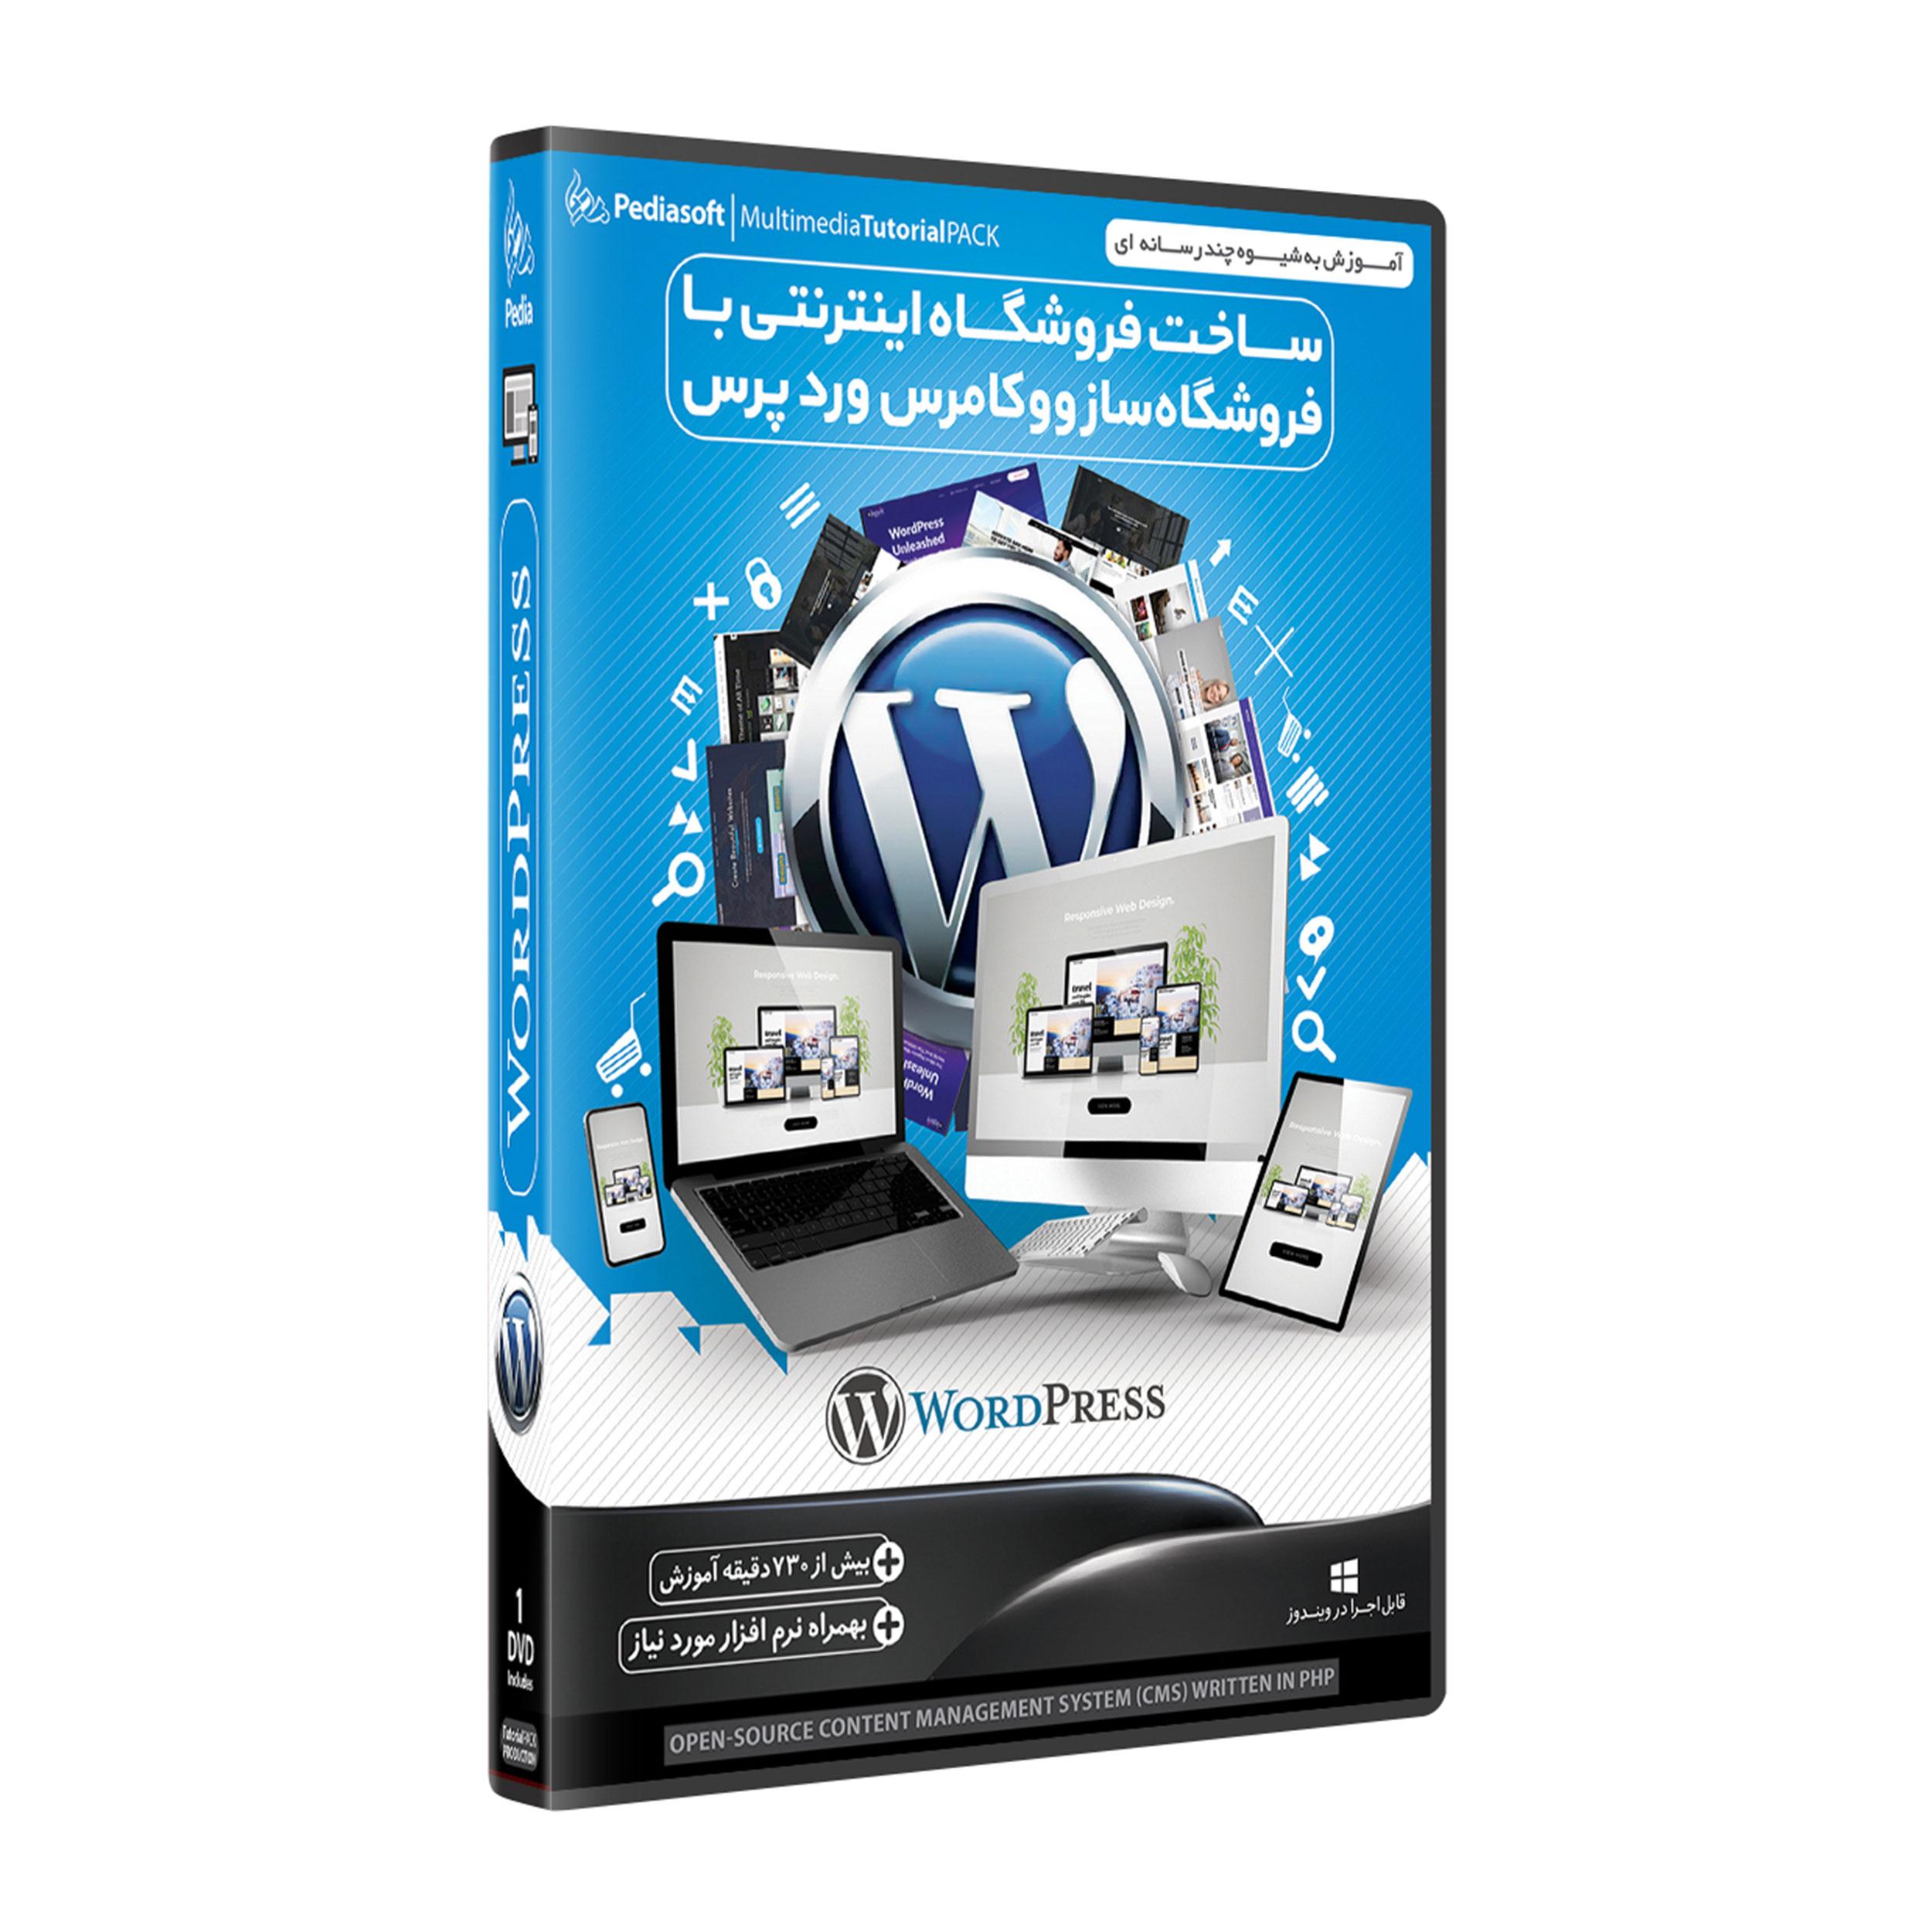 نرم افزار آموزش ساخت فروشگاه اینترنتی بافروشگاه ساز ووکامرس وردپرس WordPress نشر پدیا سافت